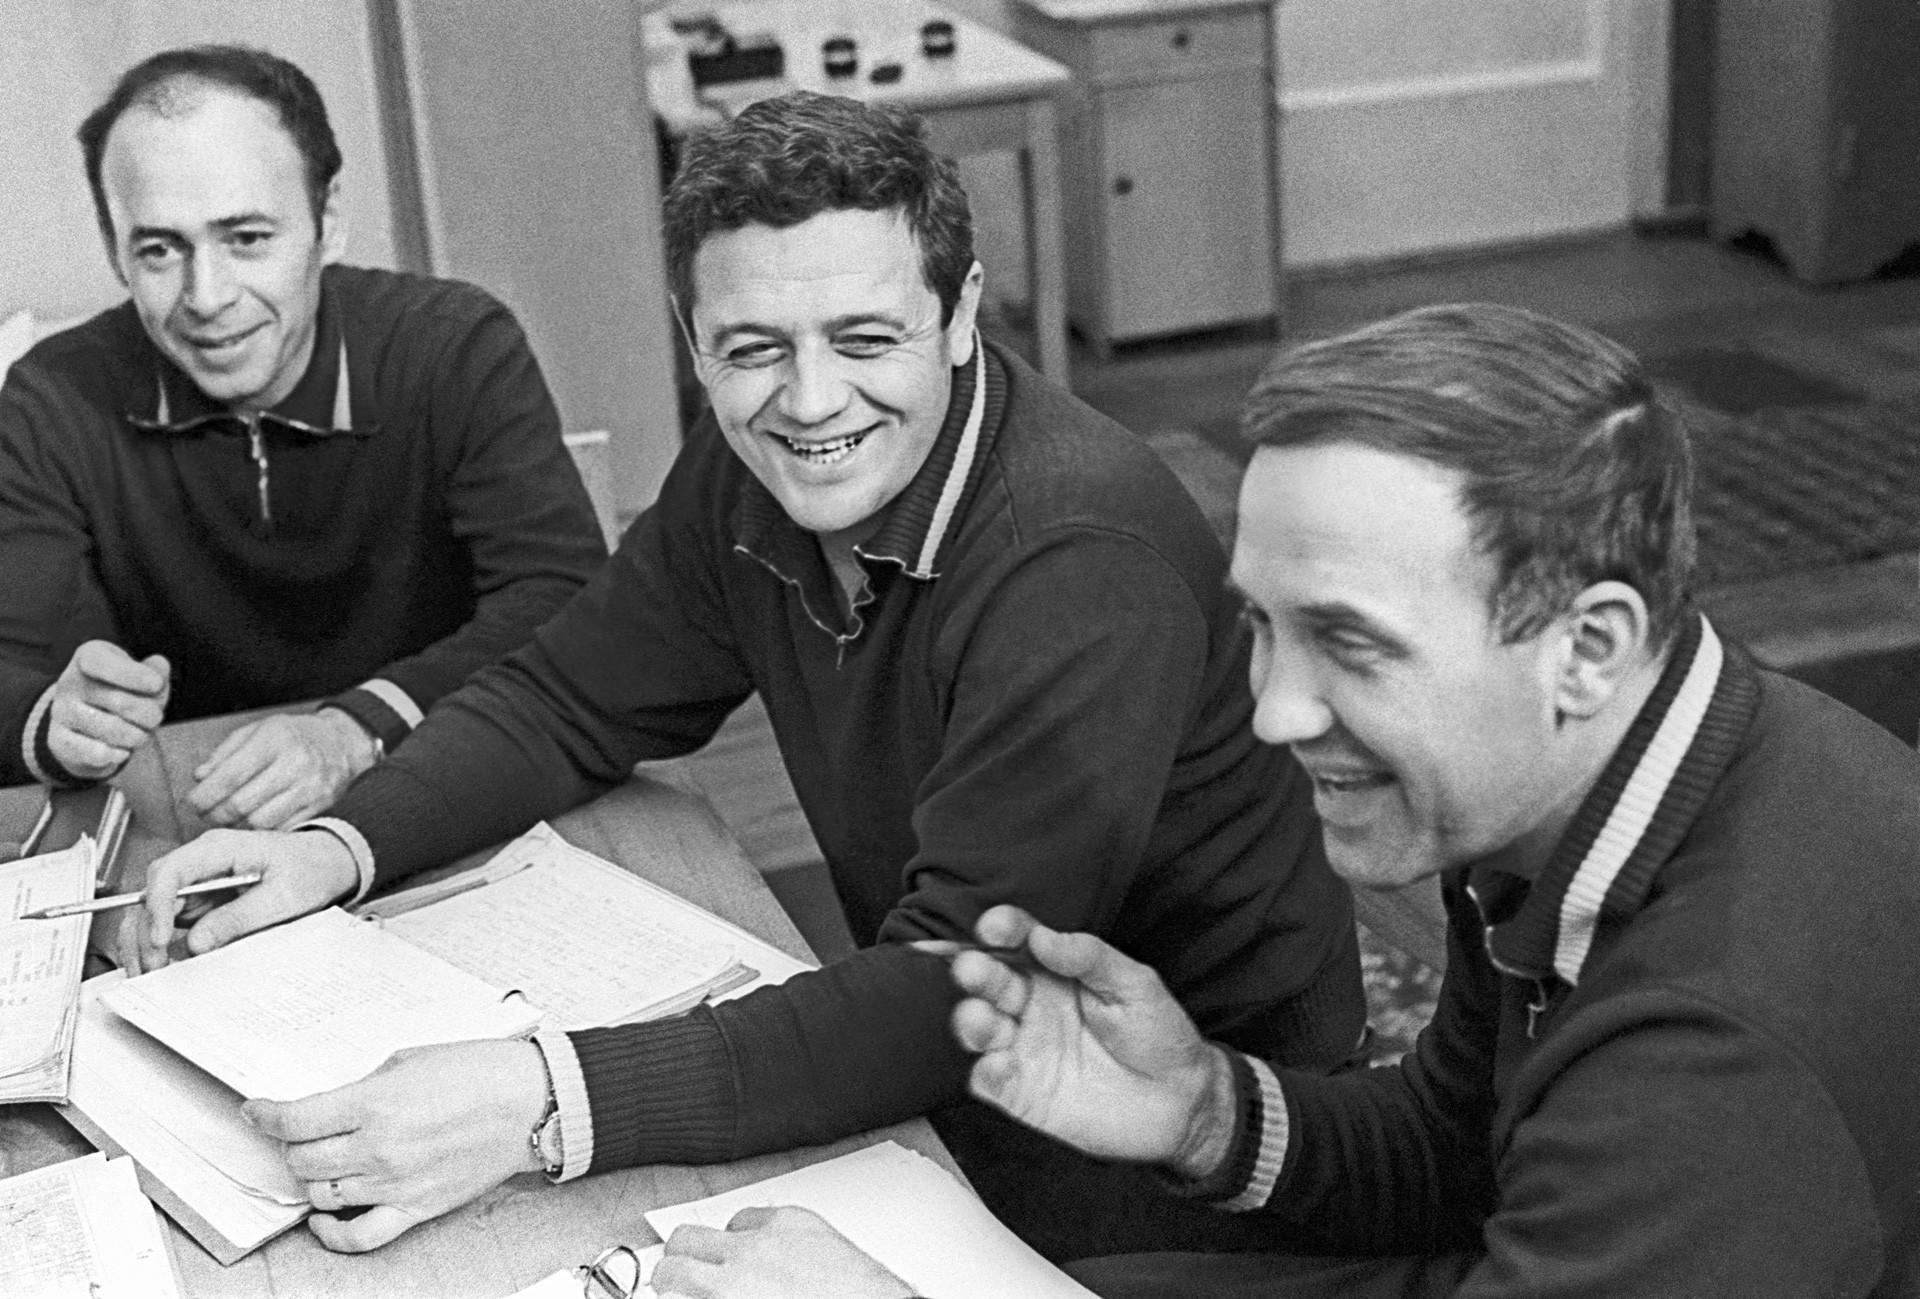 L'equipaggio della Sojuz 11. Da sinistra, Viktor Patsaev, Vladislav Volkov e Georgij Dobrovolskij